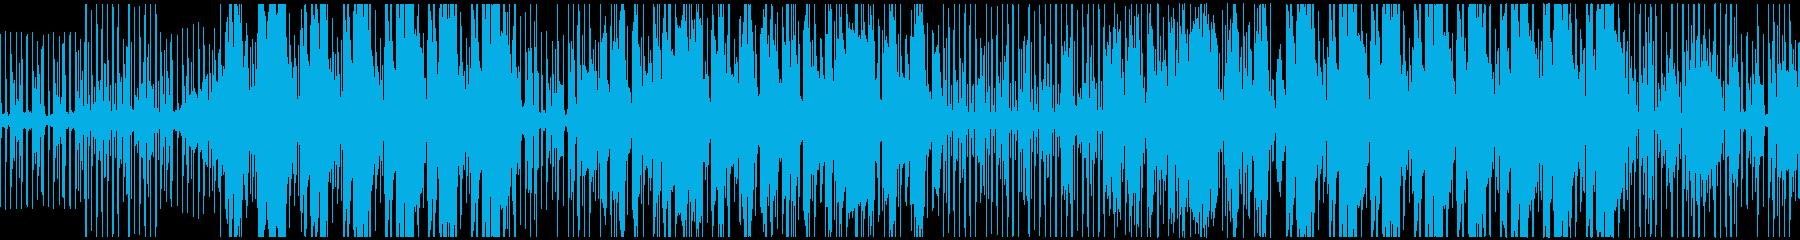 フューチャー感のあるR&Bの再生済みの波形